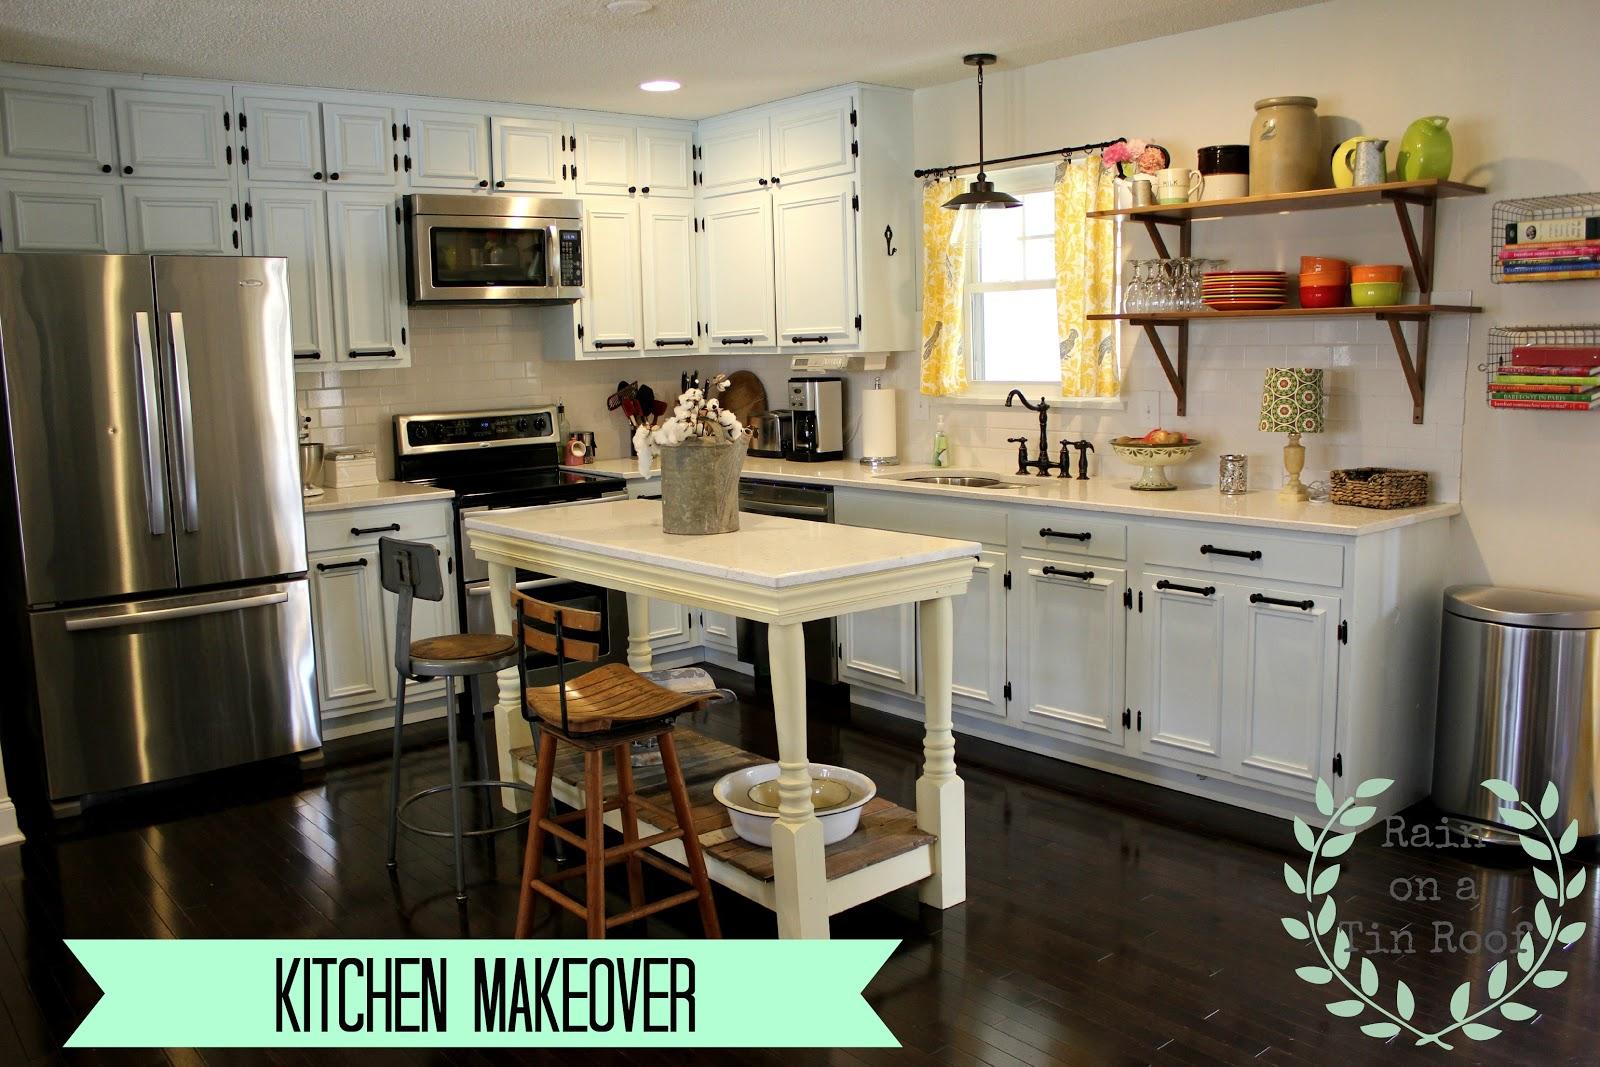 Exceptionnel Kitchen Makeover {rainonatinroof.com} #kitchen #makeover #re Model #